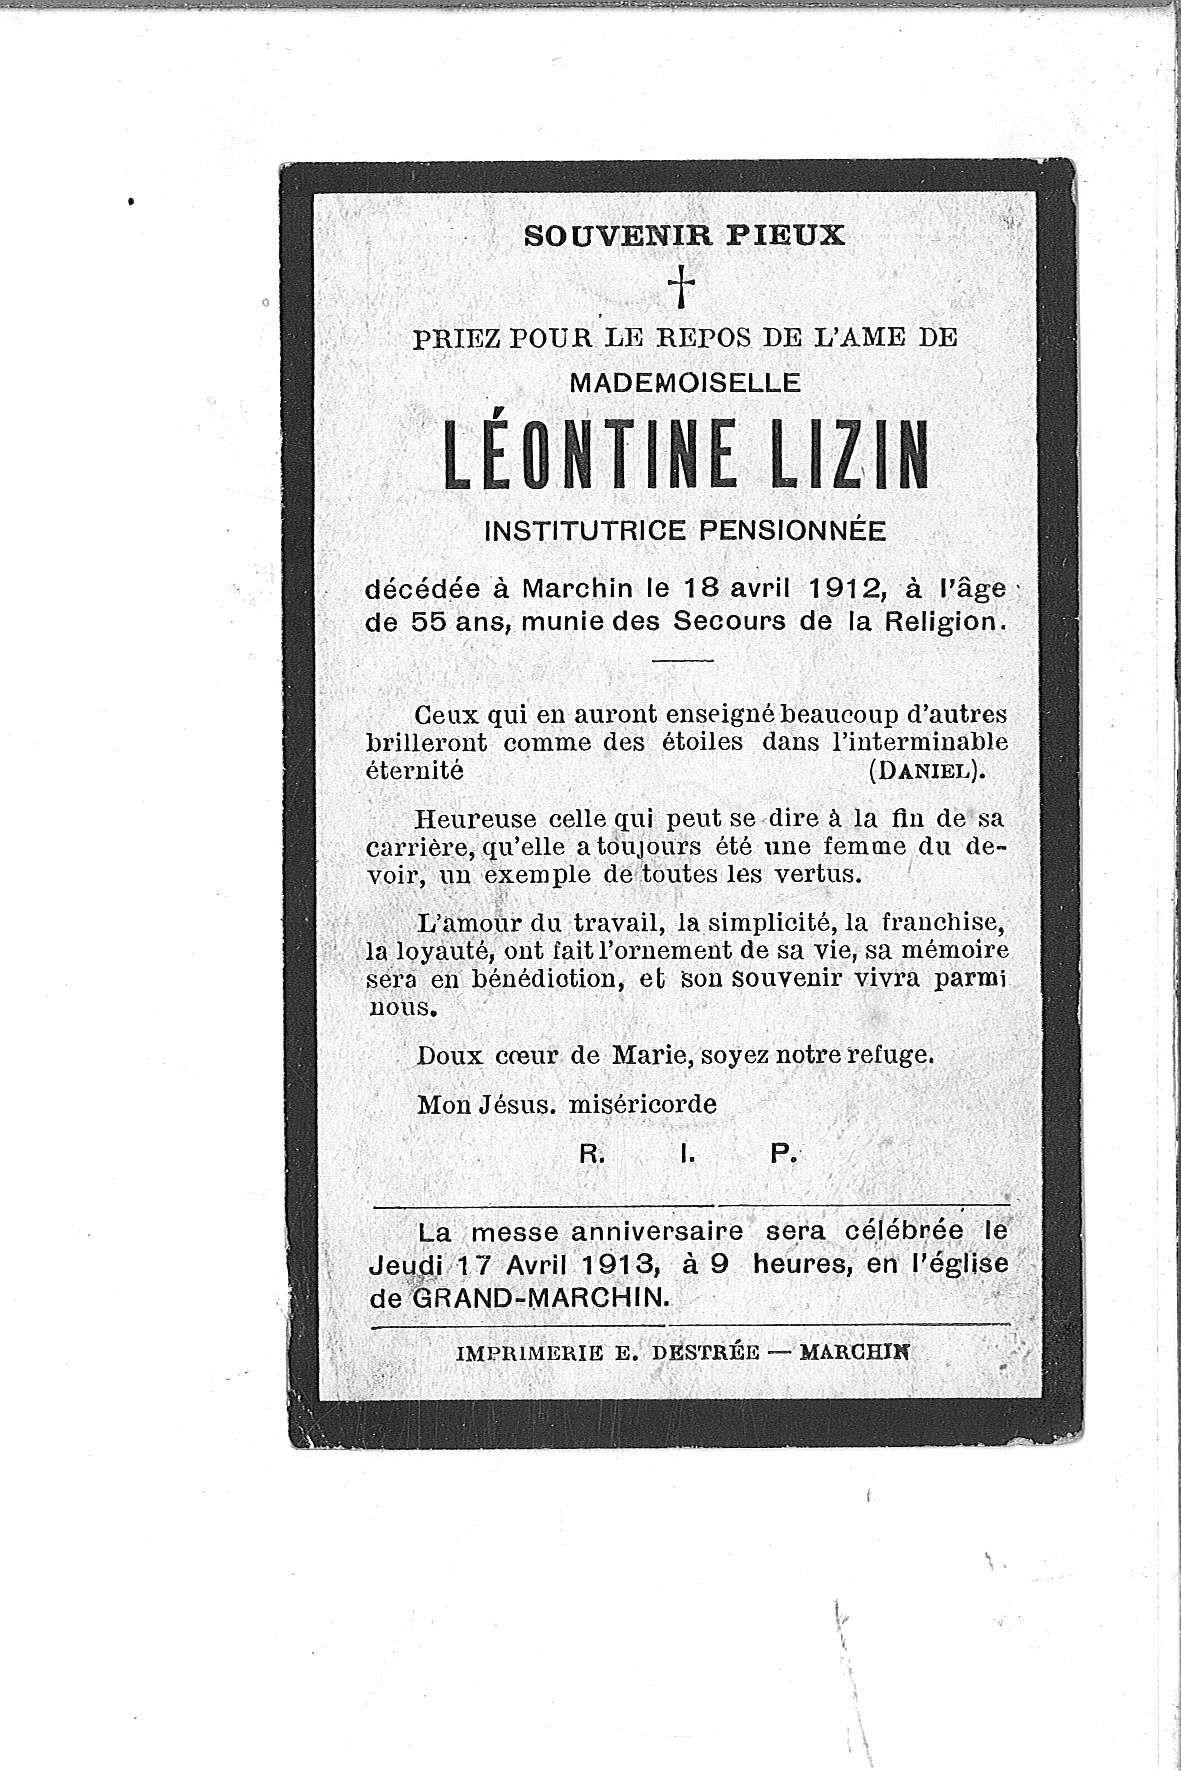 Léontine(1912)20131203145956_00022.jpg